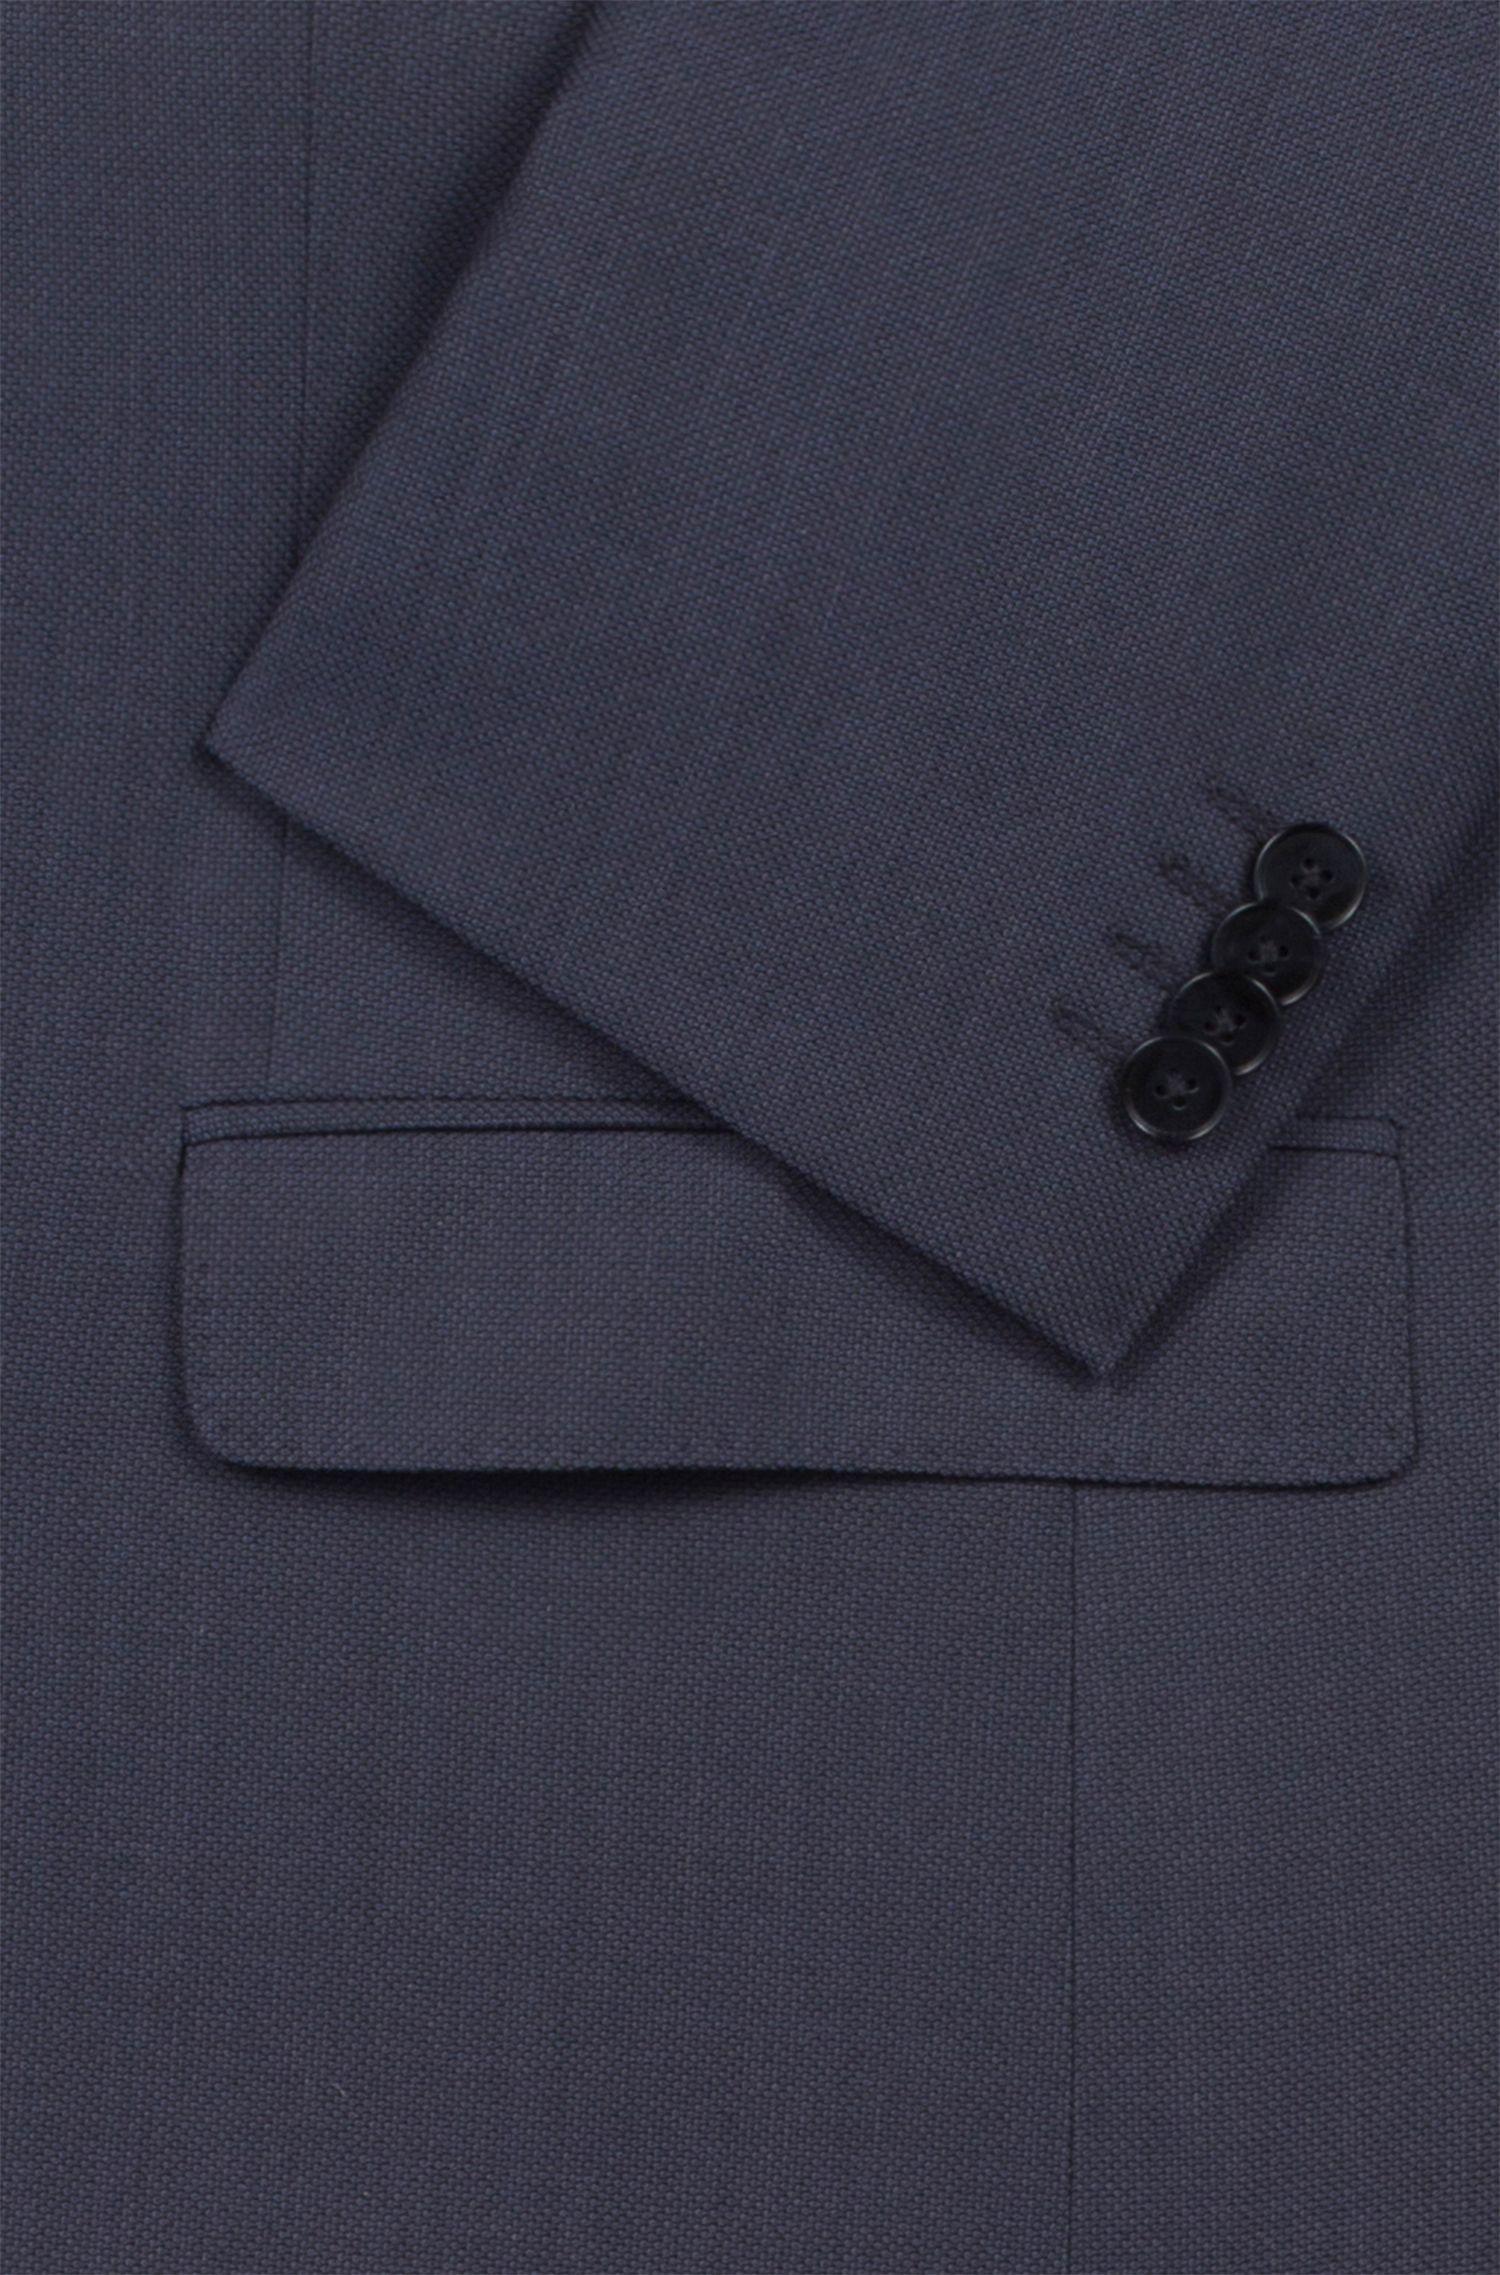 Kostuum van scheerwol met microdessin in twee kleuren, Donkerblauw